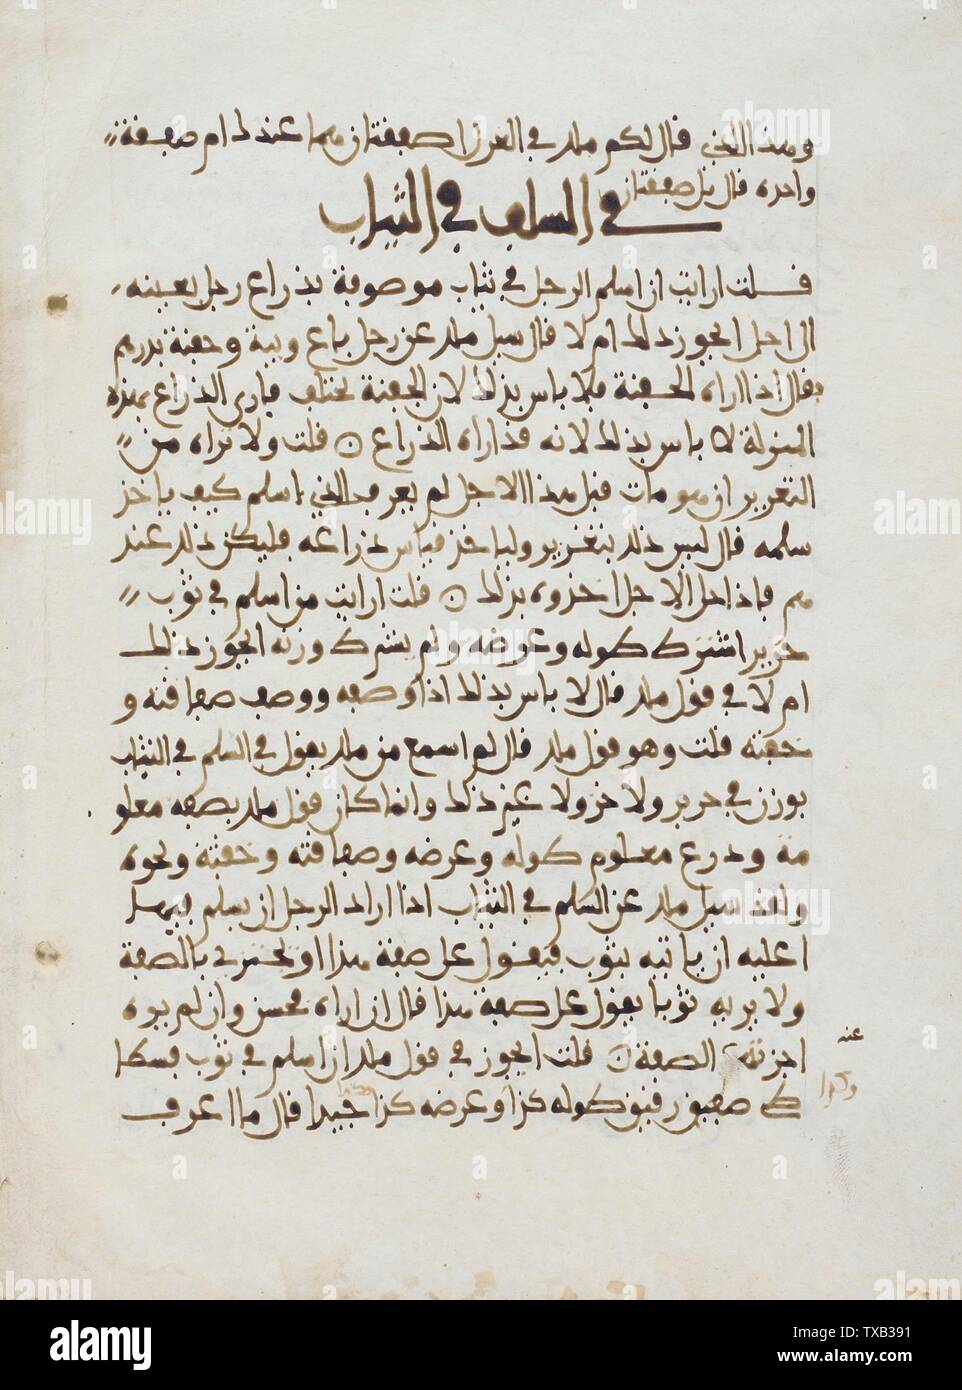 'Página de un manuscrito sobre la ley islámica; en inglés: España, primera mitad del siglo xi de tinta manuscritos sobre pergamino 9 3/4 x 7 7/8 in. (24.76 x 20 cm); el monte: 19 1/4 x 14 1/4 pulg. (48.89 x 36,19 cm) La Colección de Arte Islámico Madina, regalo de Camilla Chandler Frost (M.2002.1.382) el Arte Islámico; la primera mitad del siglo XI; ' Imagen De Stock